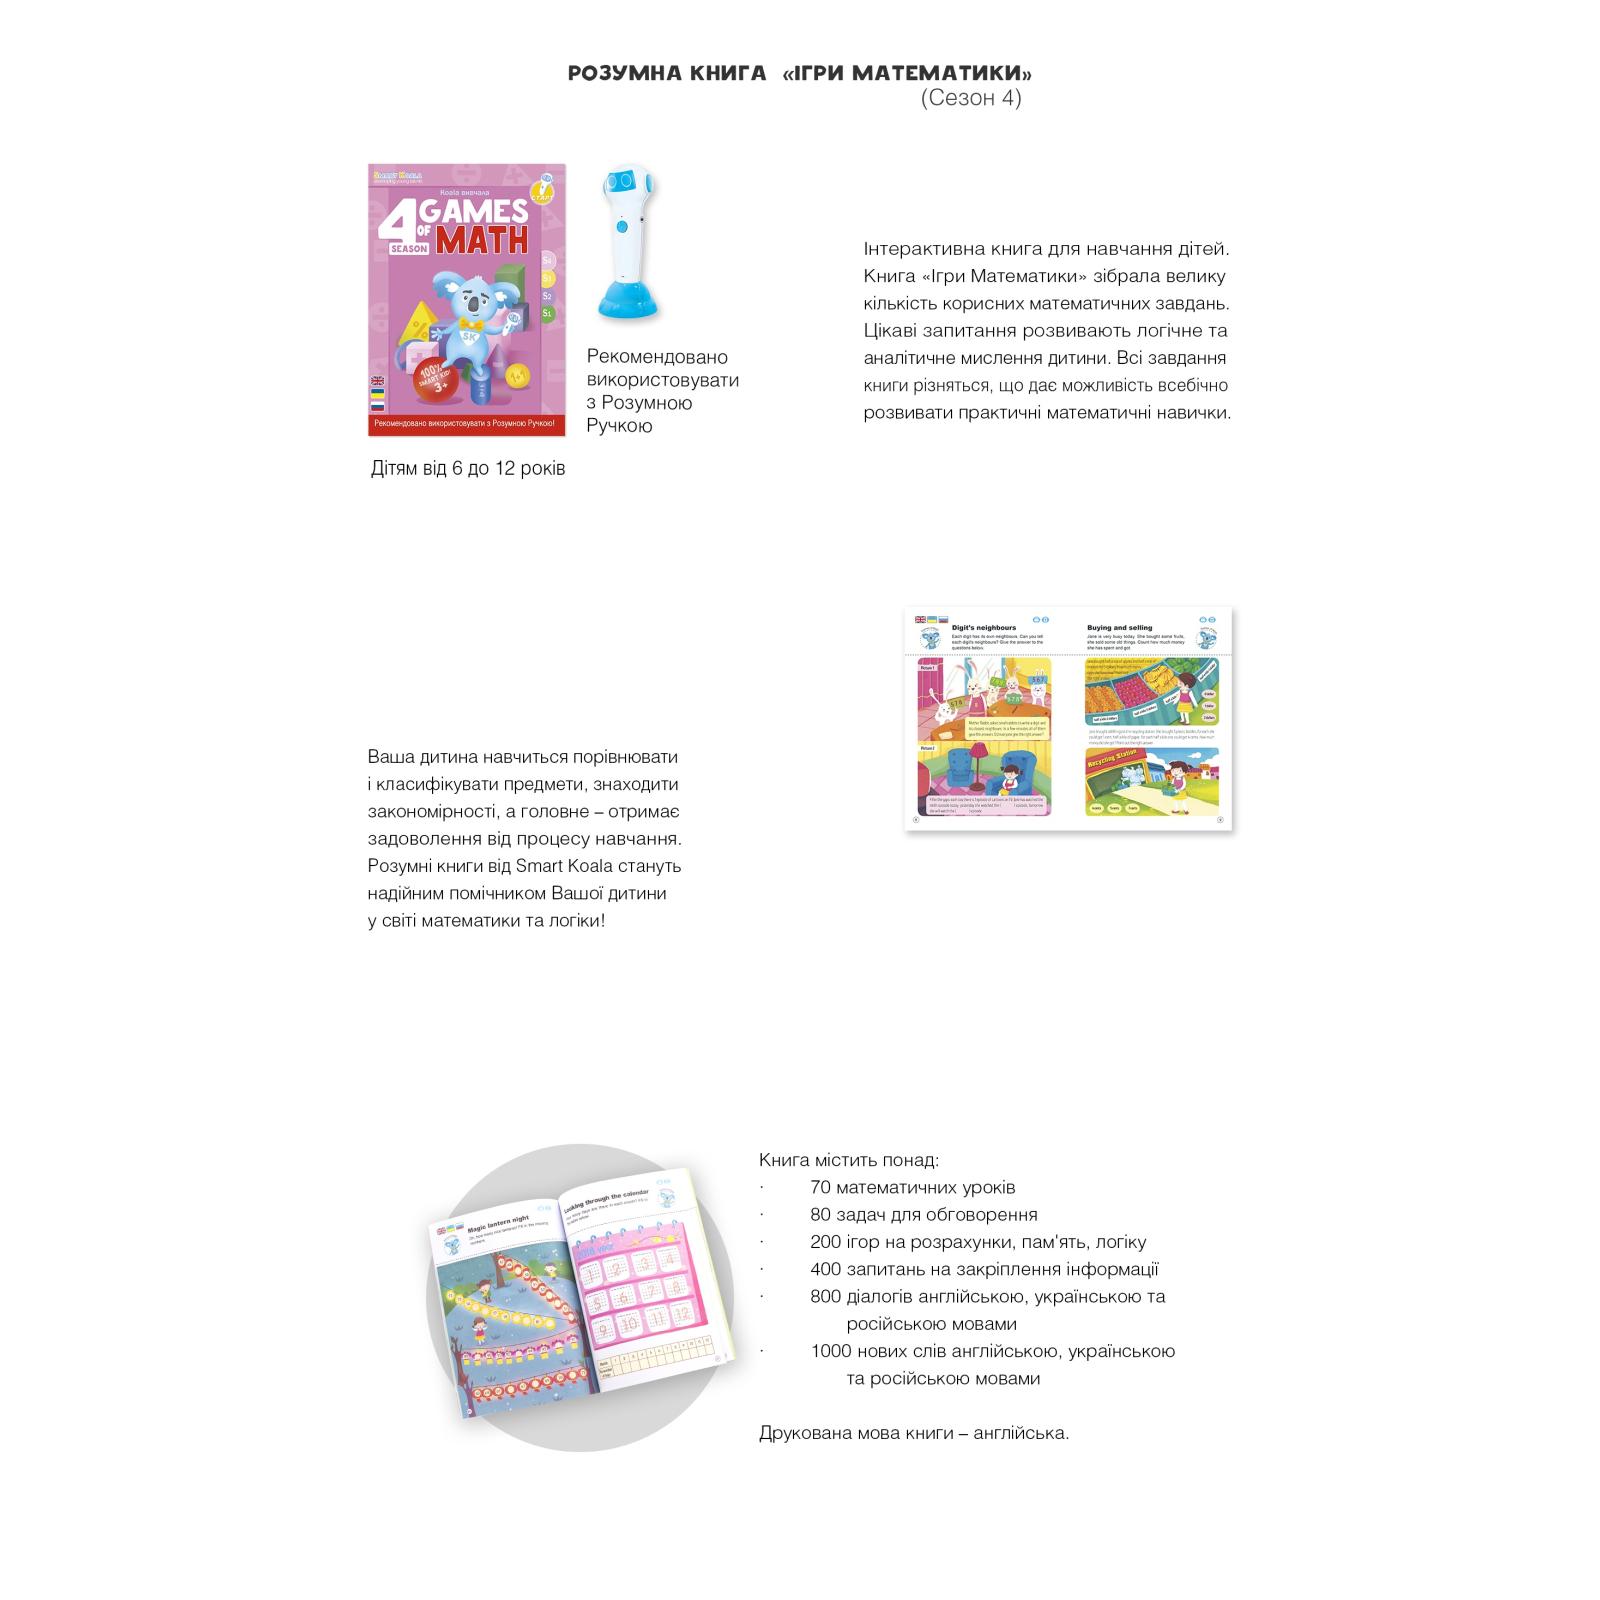 Интерактивная игрушка Smart Koala развивающая книга The Games of Math (Season 4) №4 (SKBGMS4) изображение 4